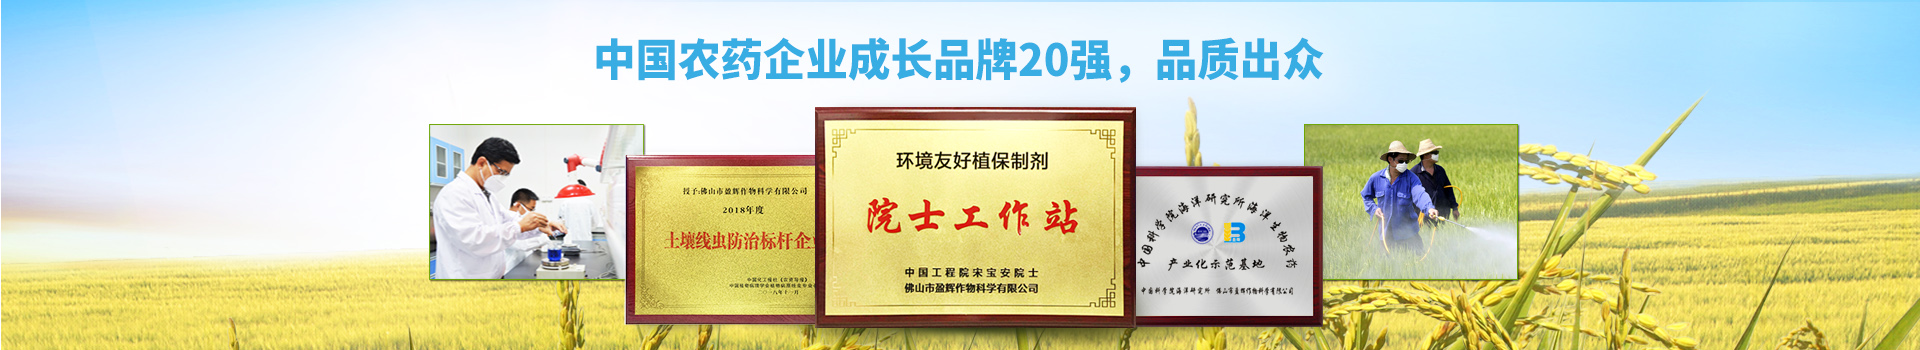 盈辉-中国农药企业成长品牌20强